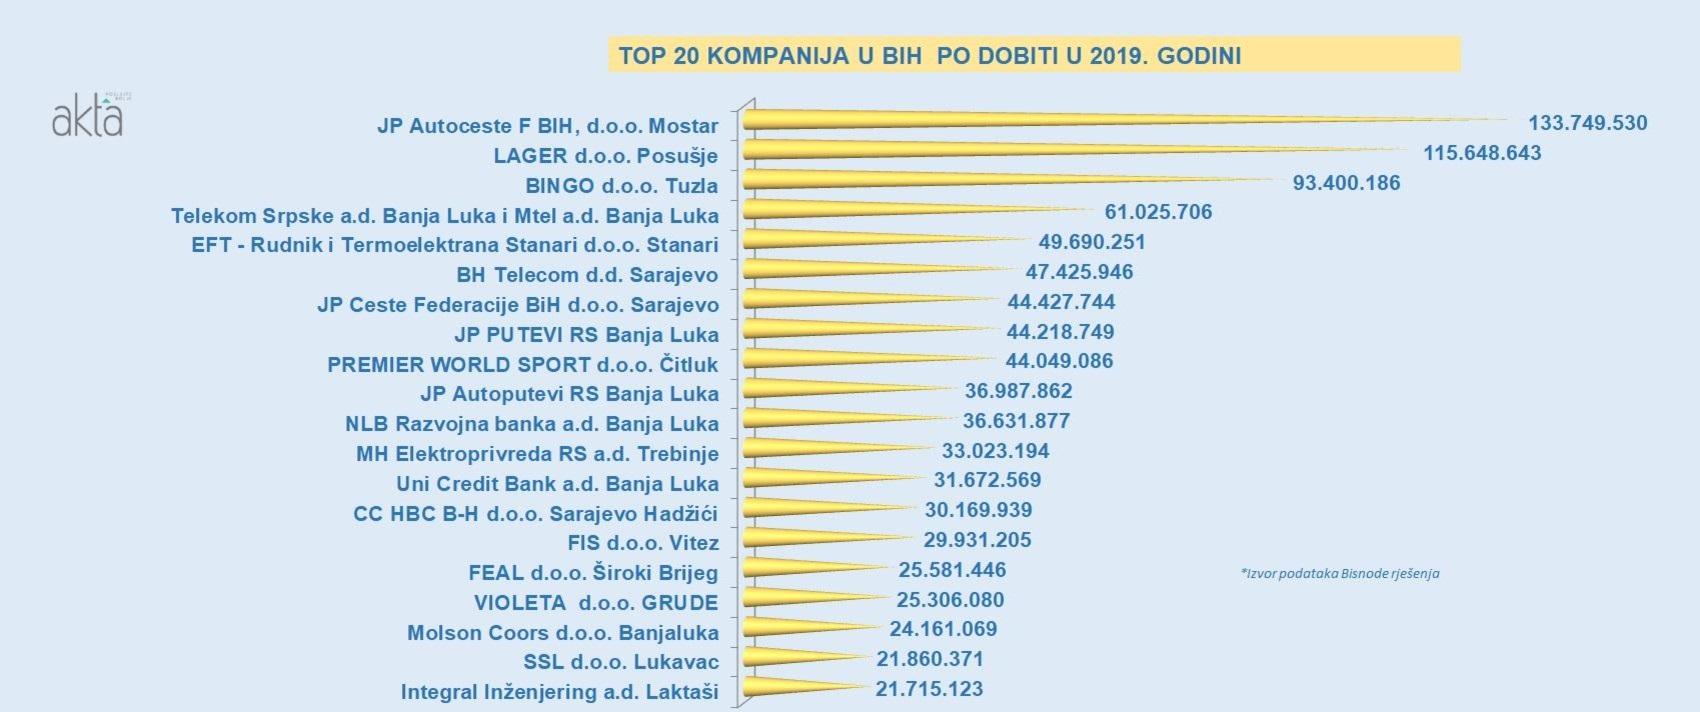 Top 20 kompanija u BiH po ostvarenoj dobiti u 2019. godini